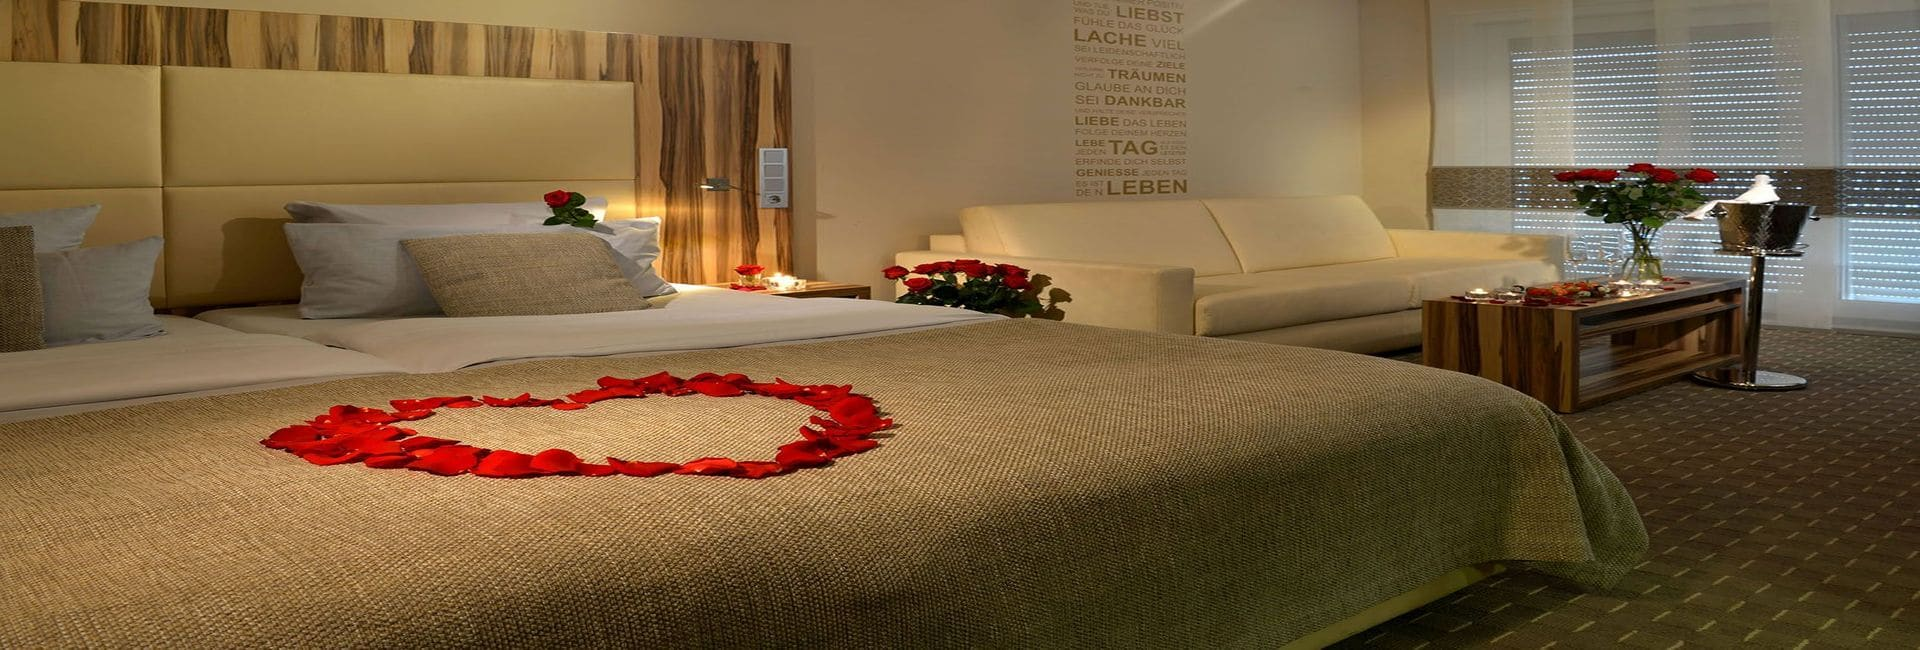 Juniorsuite Parkhotel Oberhausen Romantik